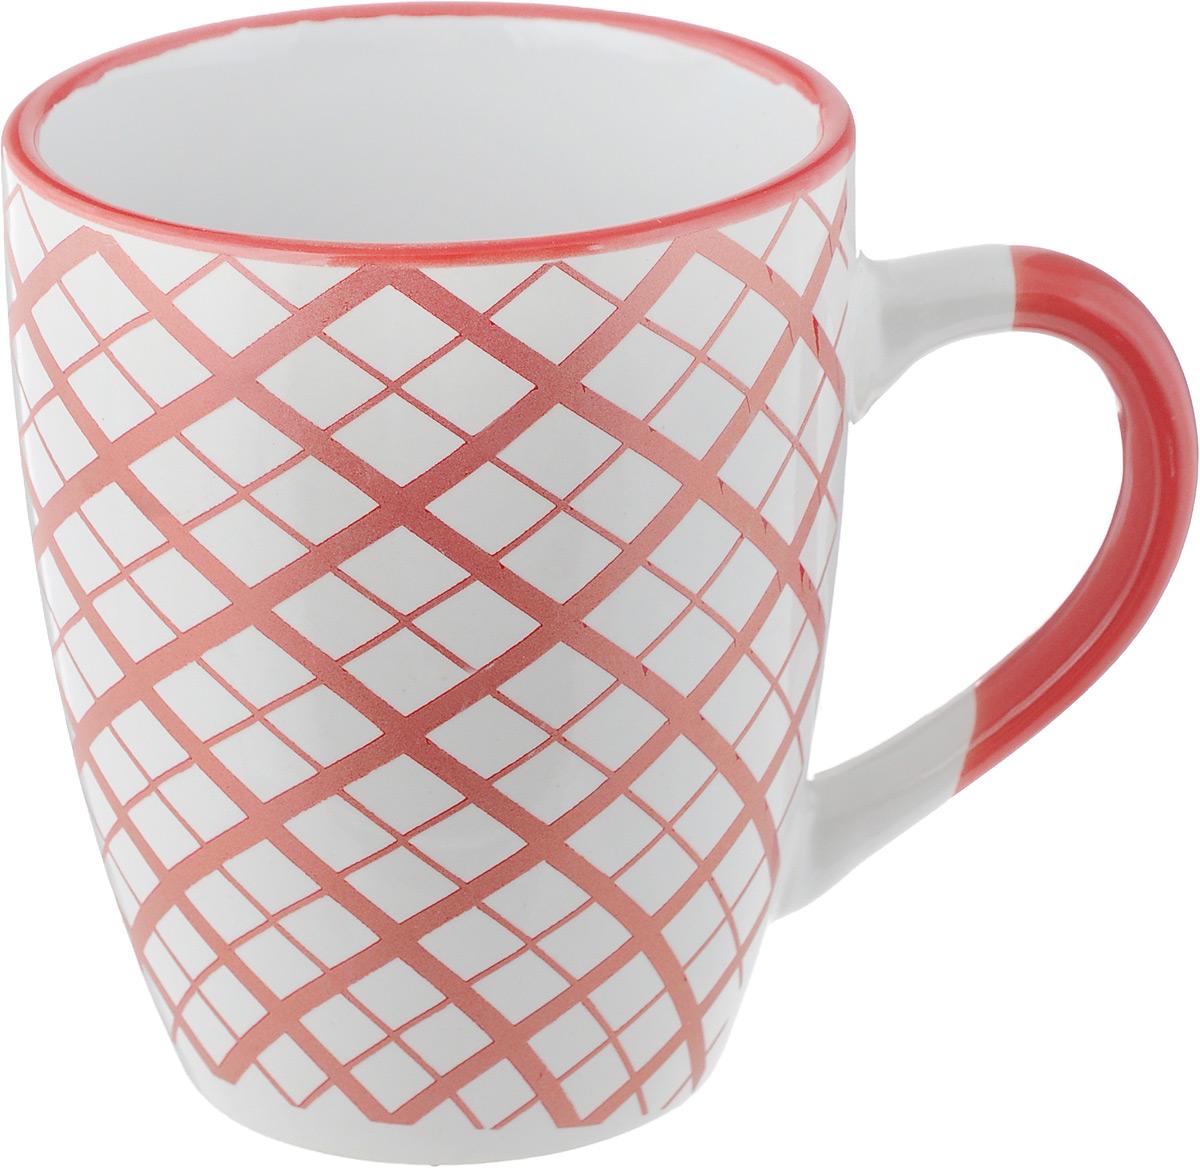 Кружка Фарфоровый путь Геометрия, 350 мл. 15445-С15445-СКружка Фарфоровый путь Горох изготовлена из прочной высококачественной керамики. Глазурованное покрытие защищает изделие от трещин и сколов и продлевает срок службы. Внешние стенки изделия дополнены геометрическим принтом.